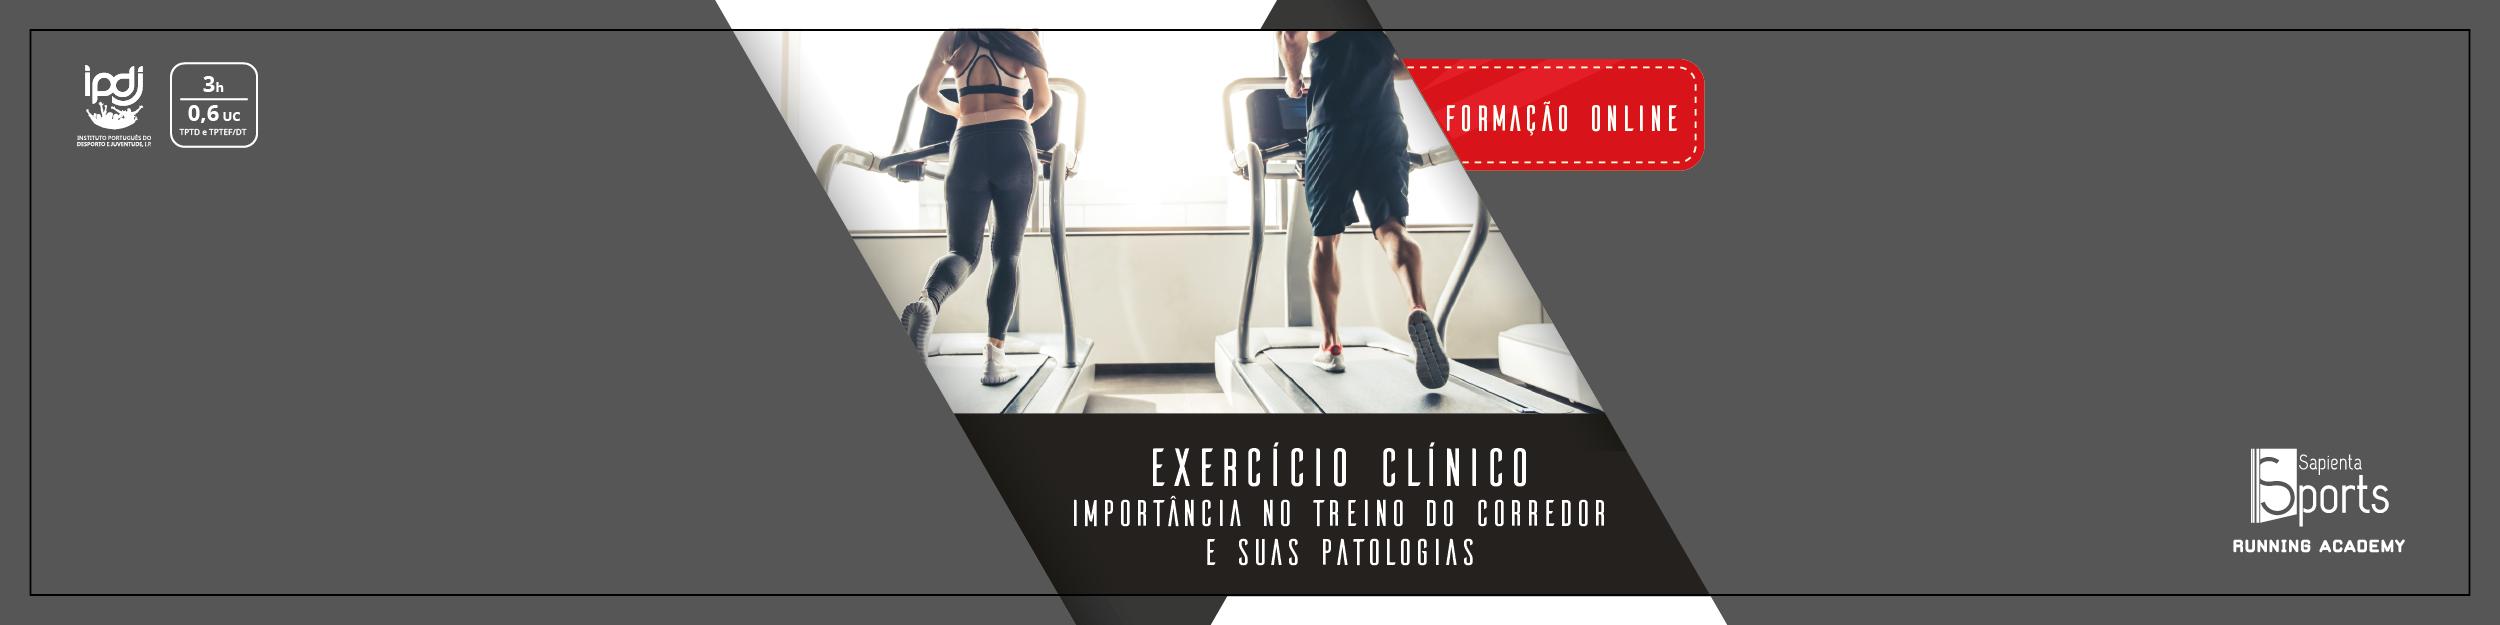 Exercício Clínico | A importância no treino do corredor e suas patologias